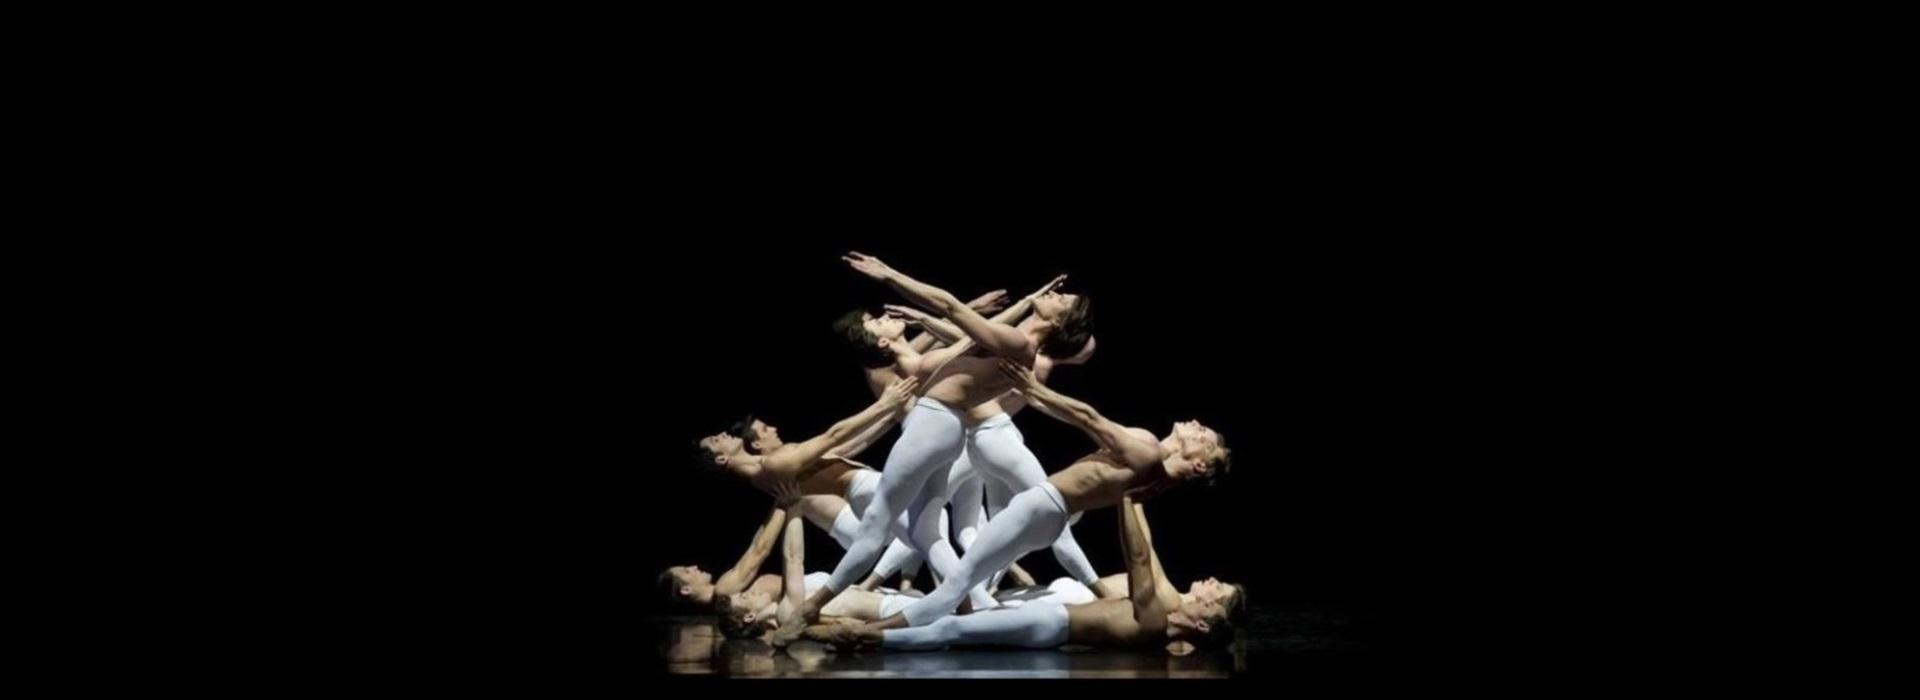 MODERN-THEATER-DANCE-V1B2